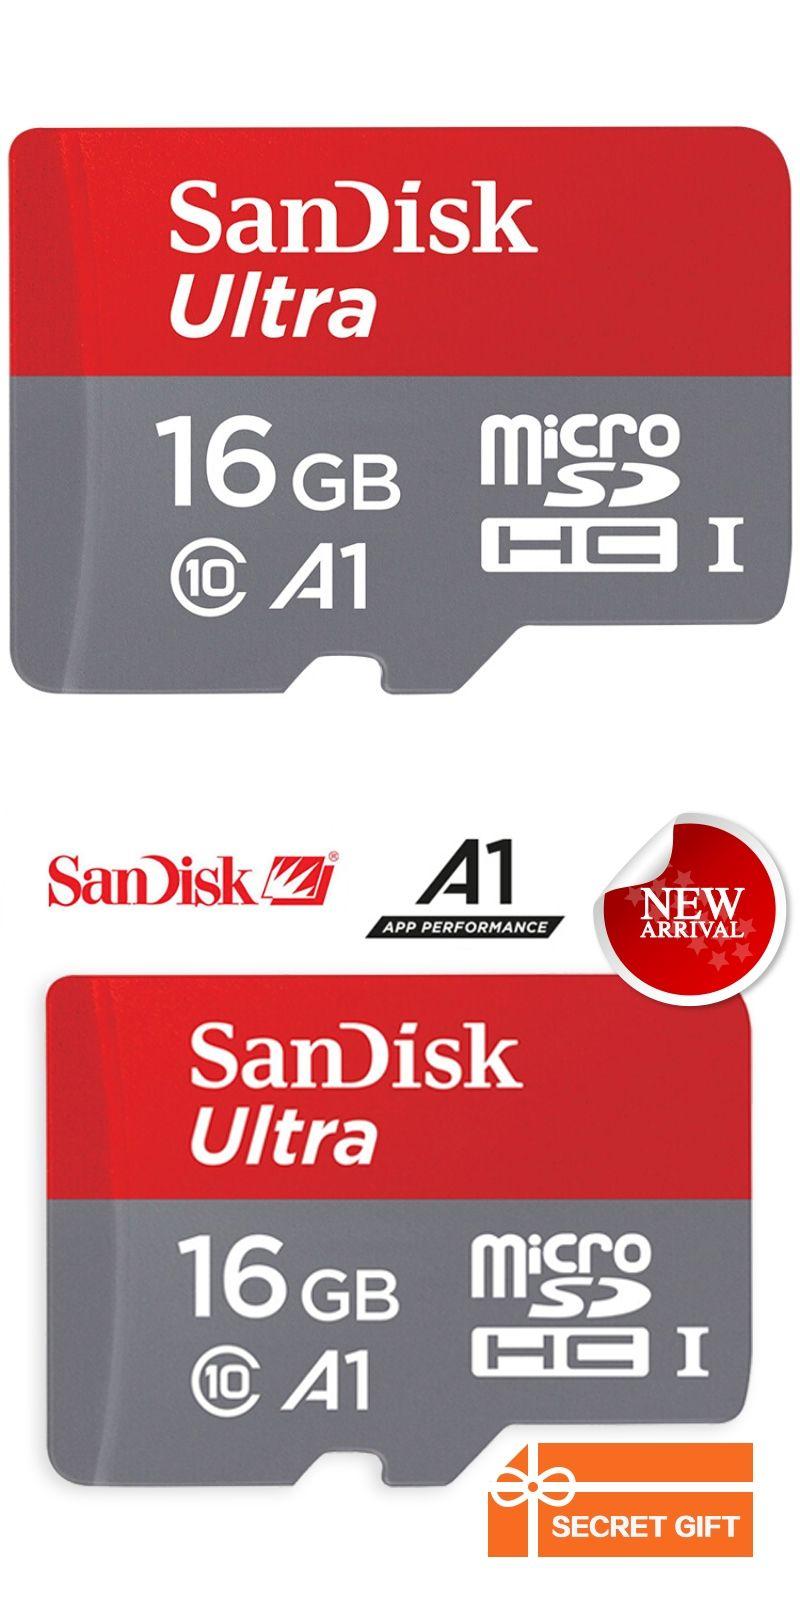 Sandisk Memory Card Ultra Microsdhc Uhs I U1 Trans Flash 16gb 98mb S Sdhc Class 10 1 80mb Class10